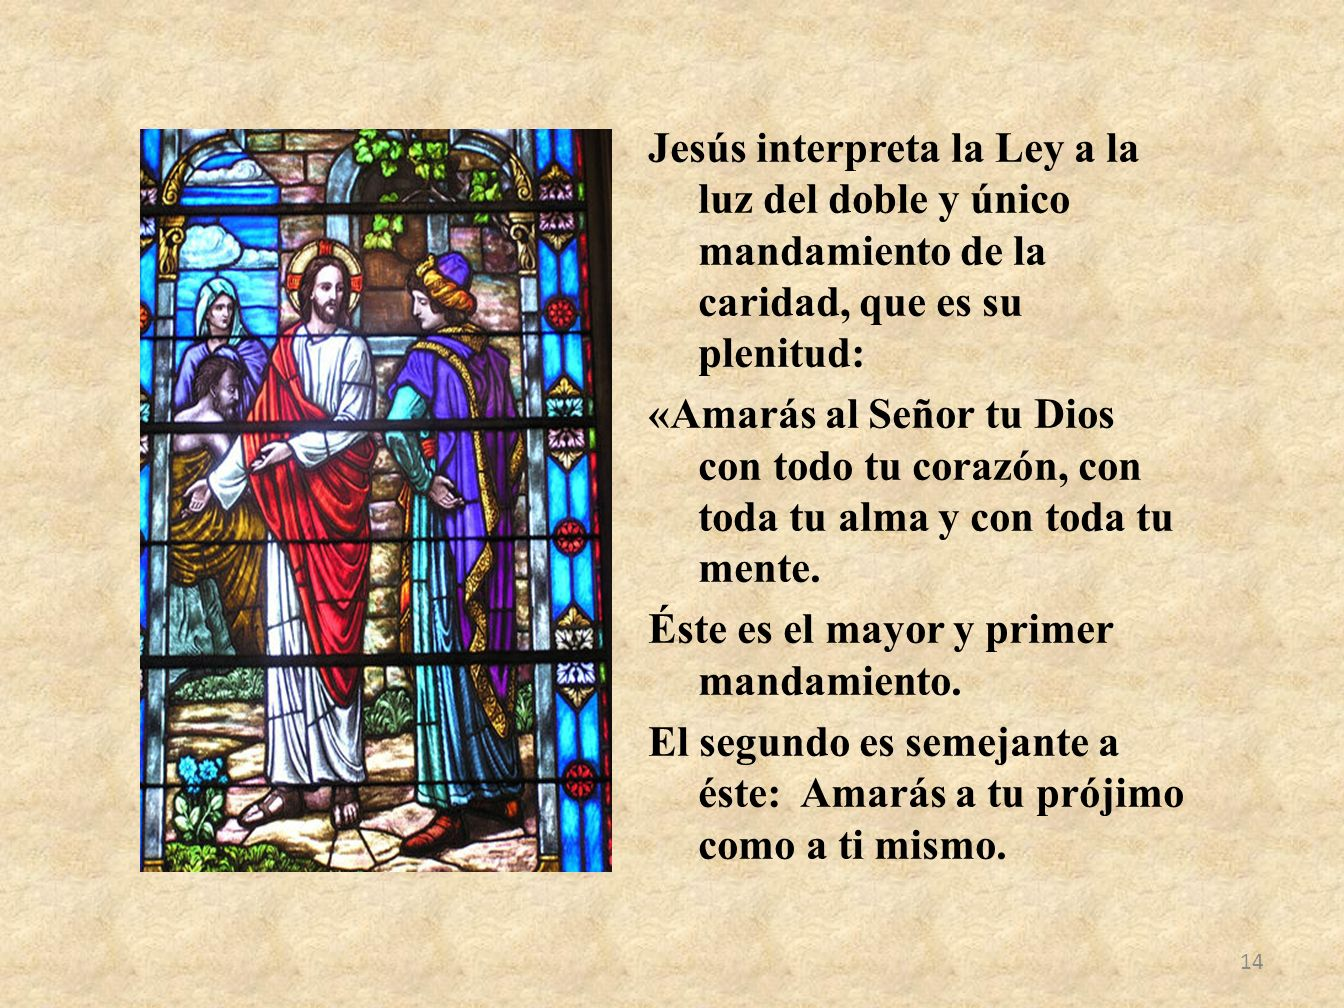 Jesús interpreta la Ley a la luz del doble y único mandamiento de la caridad, que es su plenitud: «Amarás al Señor tu Dios con todo tu corazón, con toda tu alma y con toda tu mente.